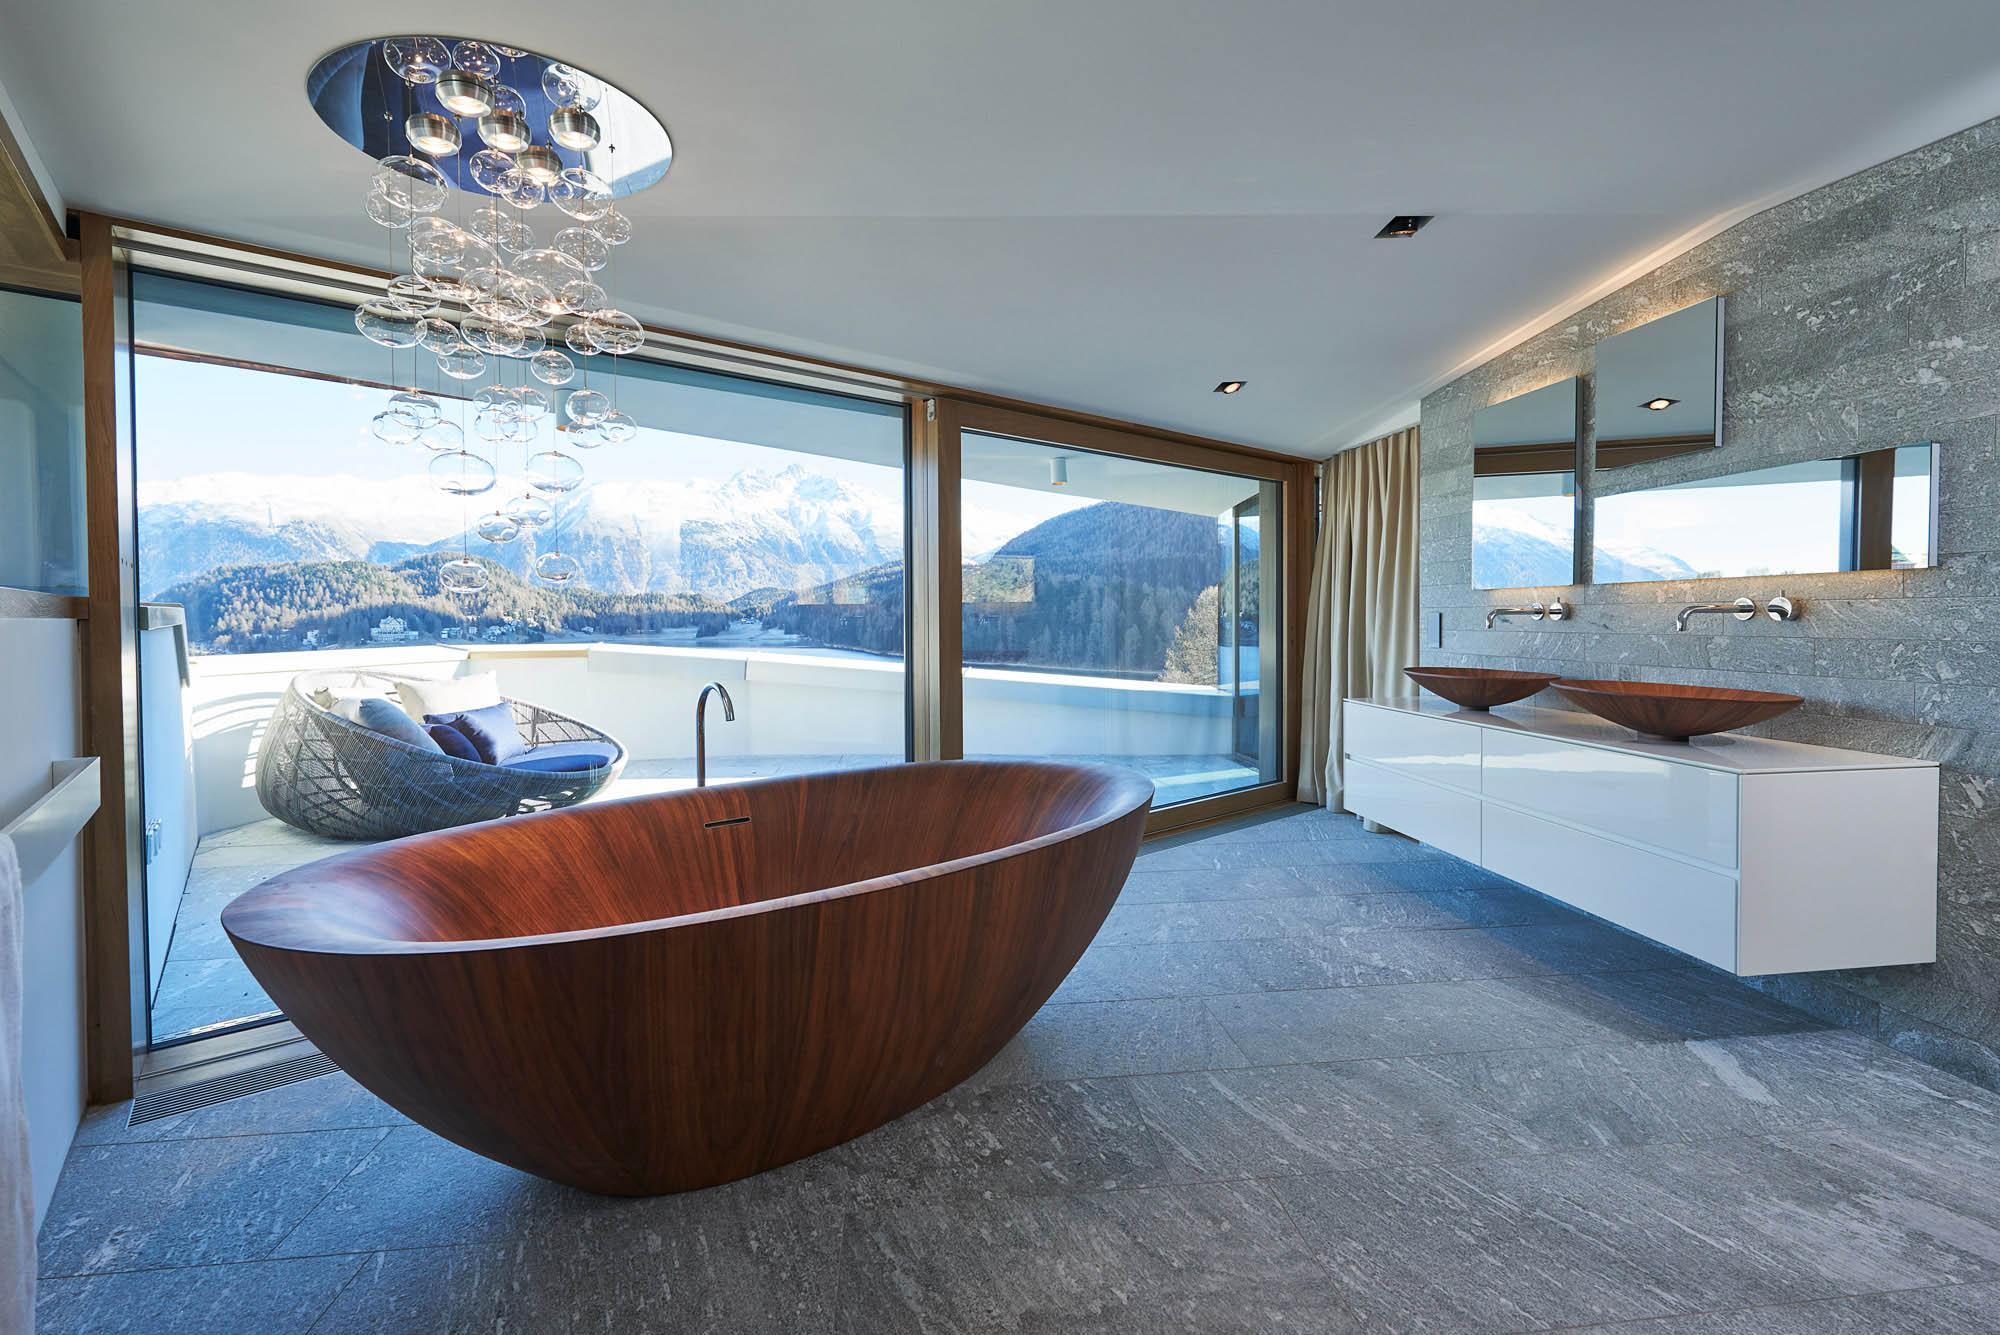 OPC 151127 0065 - Penthouse St. Moritz: Frisch eingerichtet, frisch abgelichtet